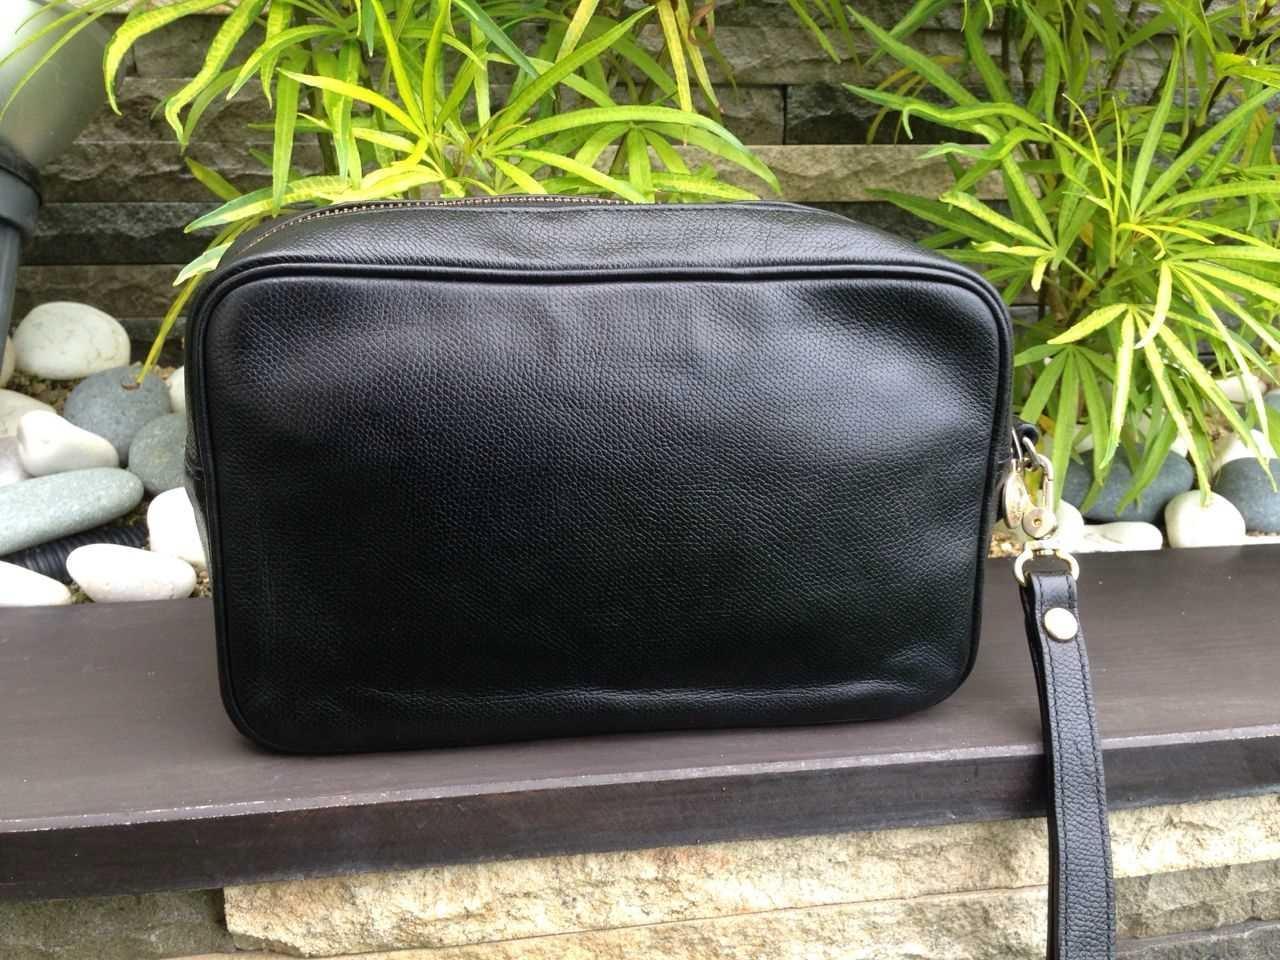 eae161e8987b Truly Vintage  Authentic Yves Saint Laurent Black Leather Clutch Bag